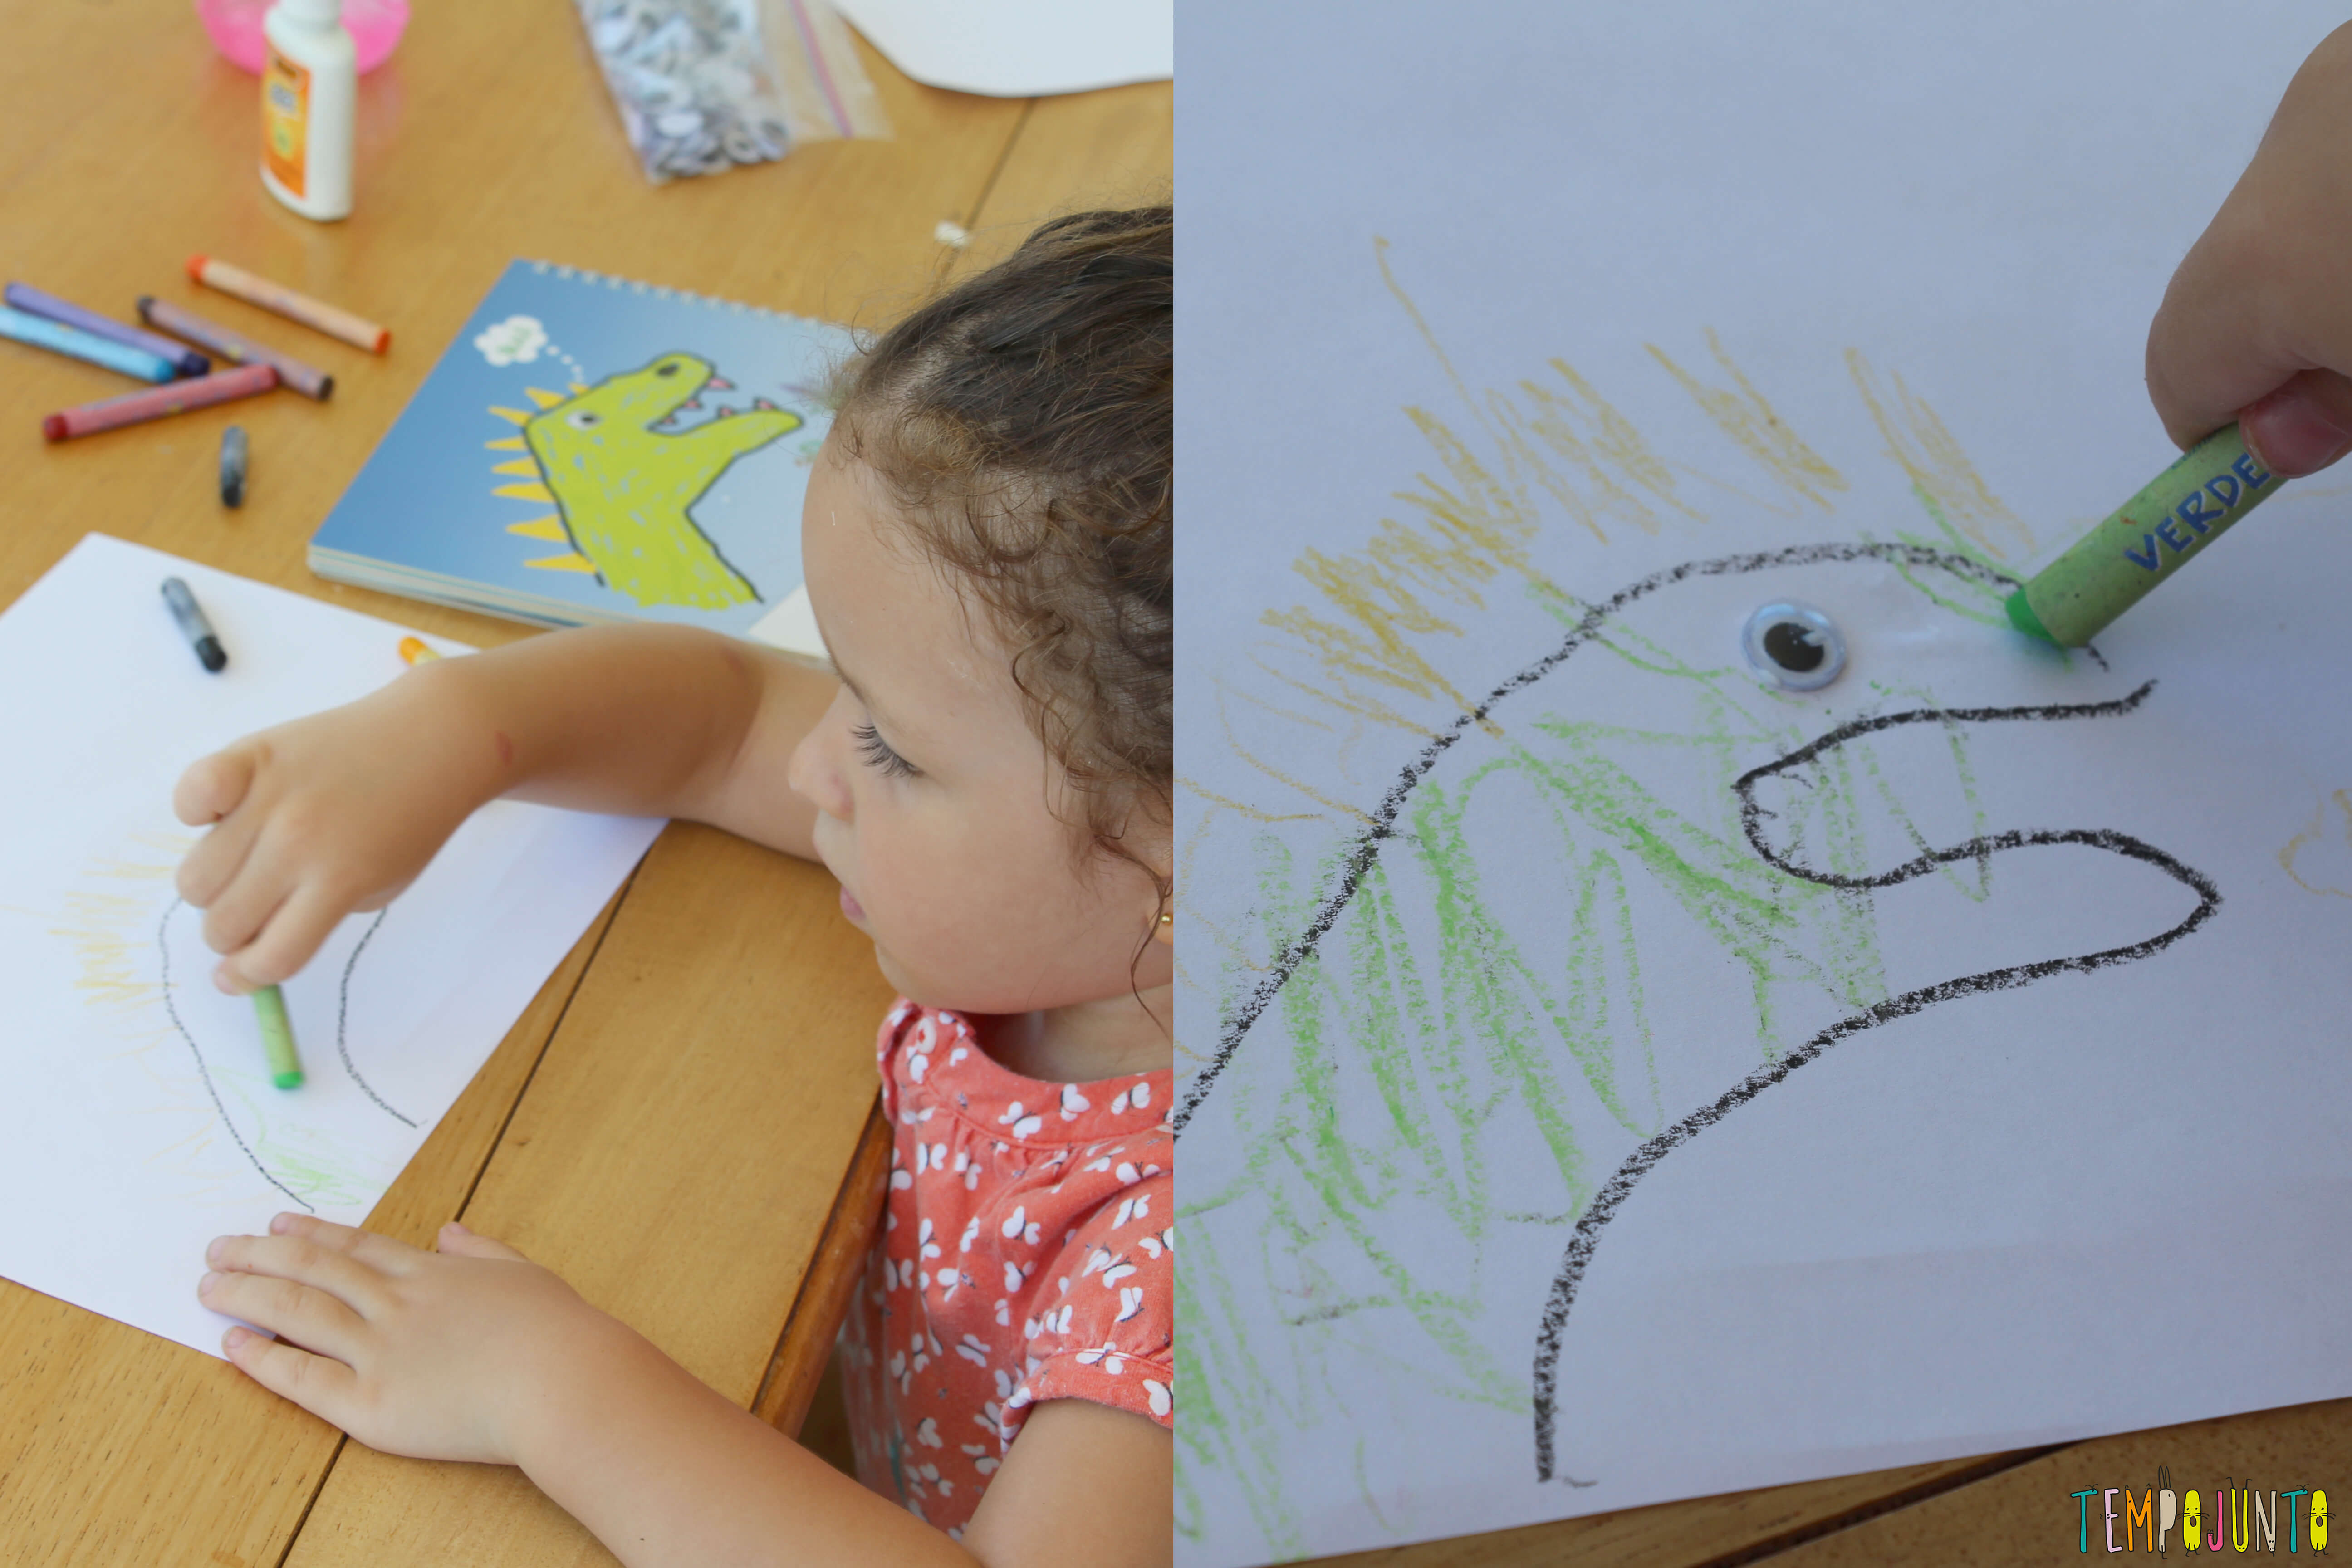 Como Fazer Desenho Com As Mãos Tempojunto Aproveitando